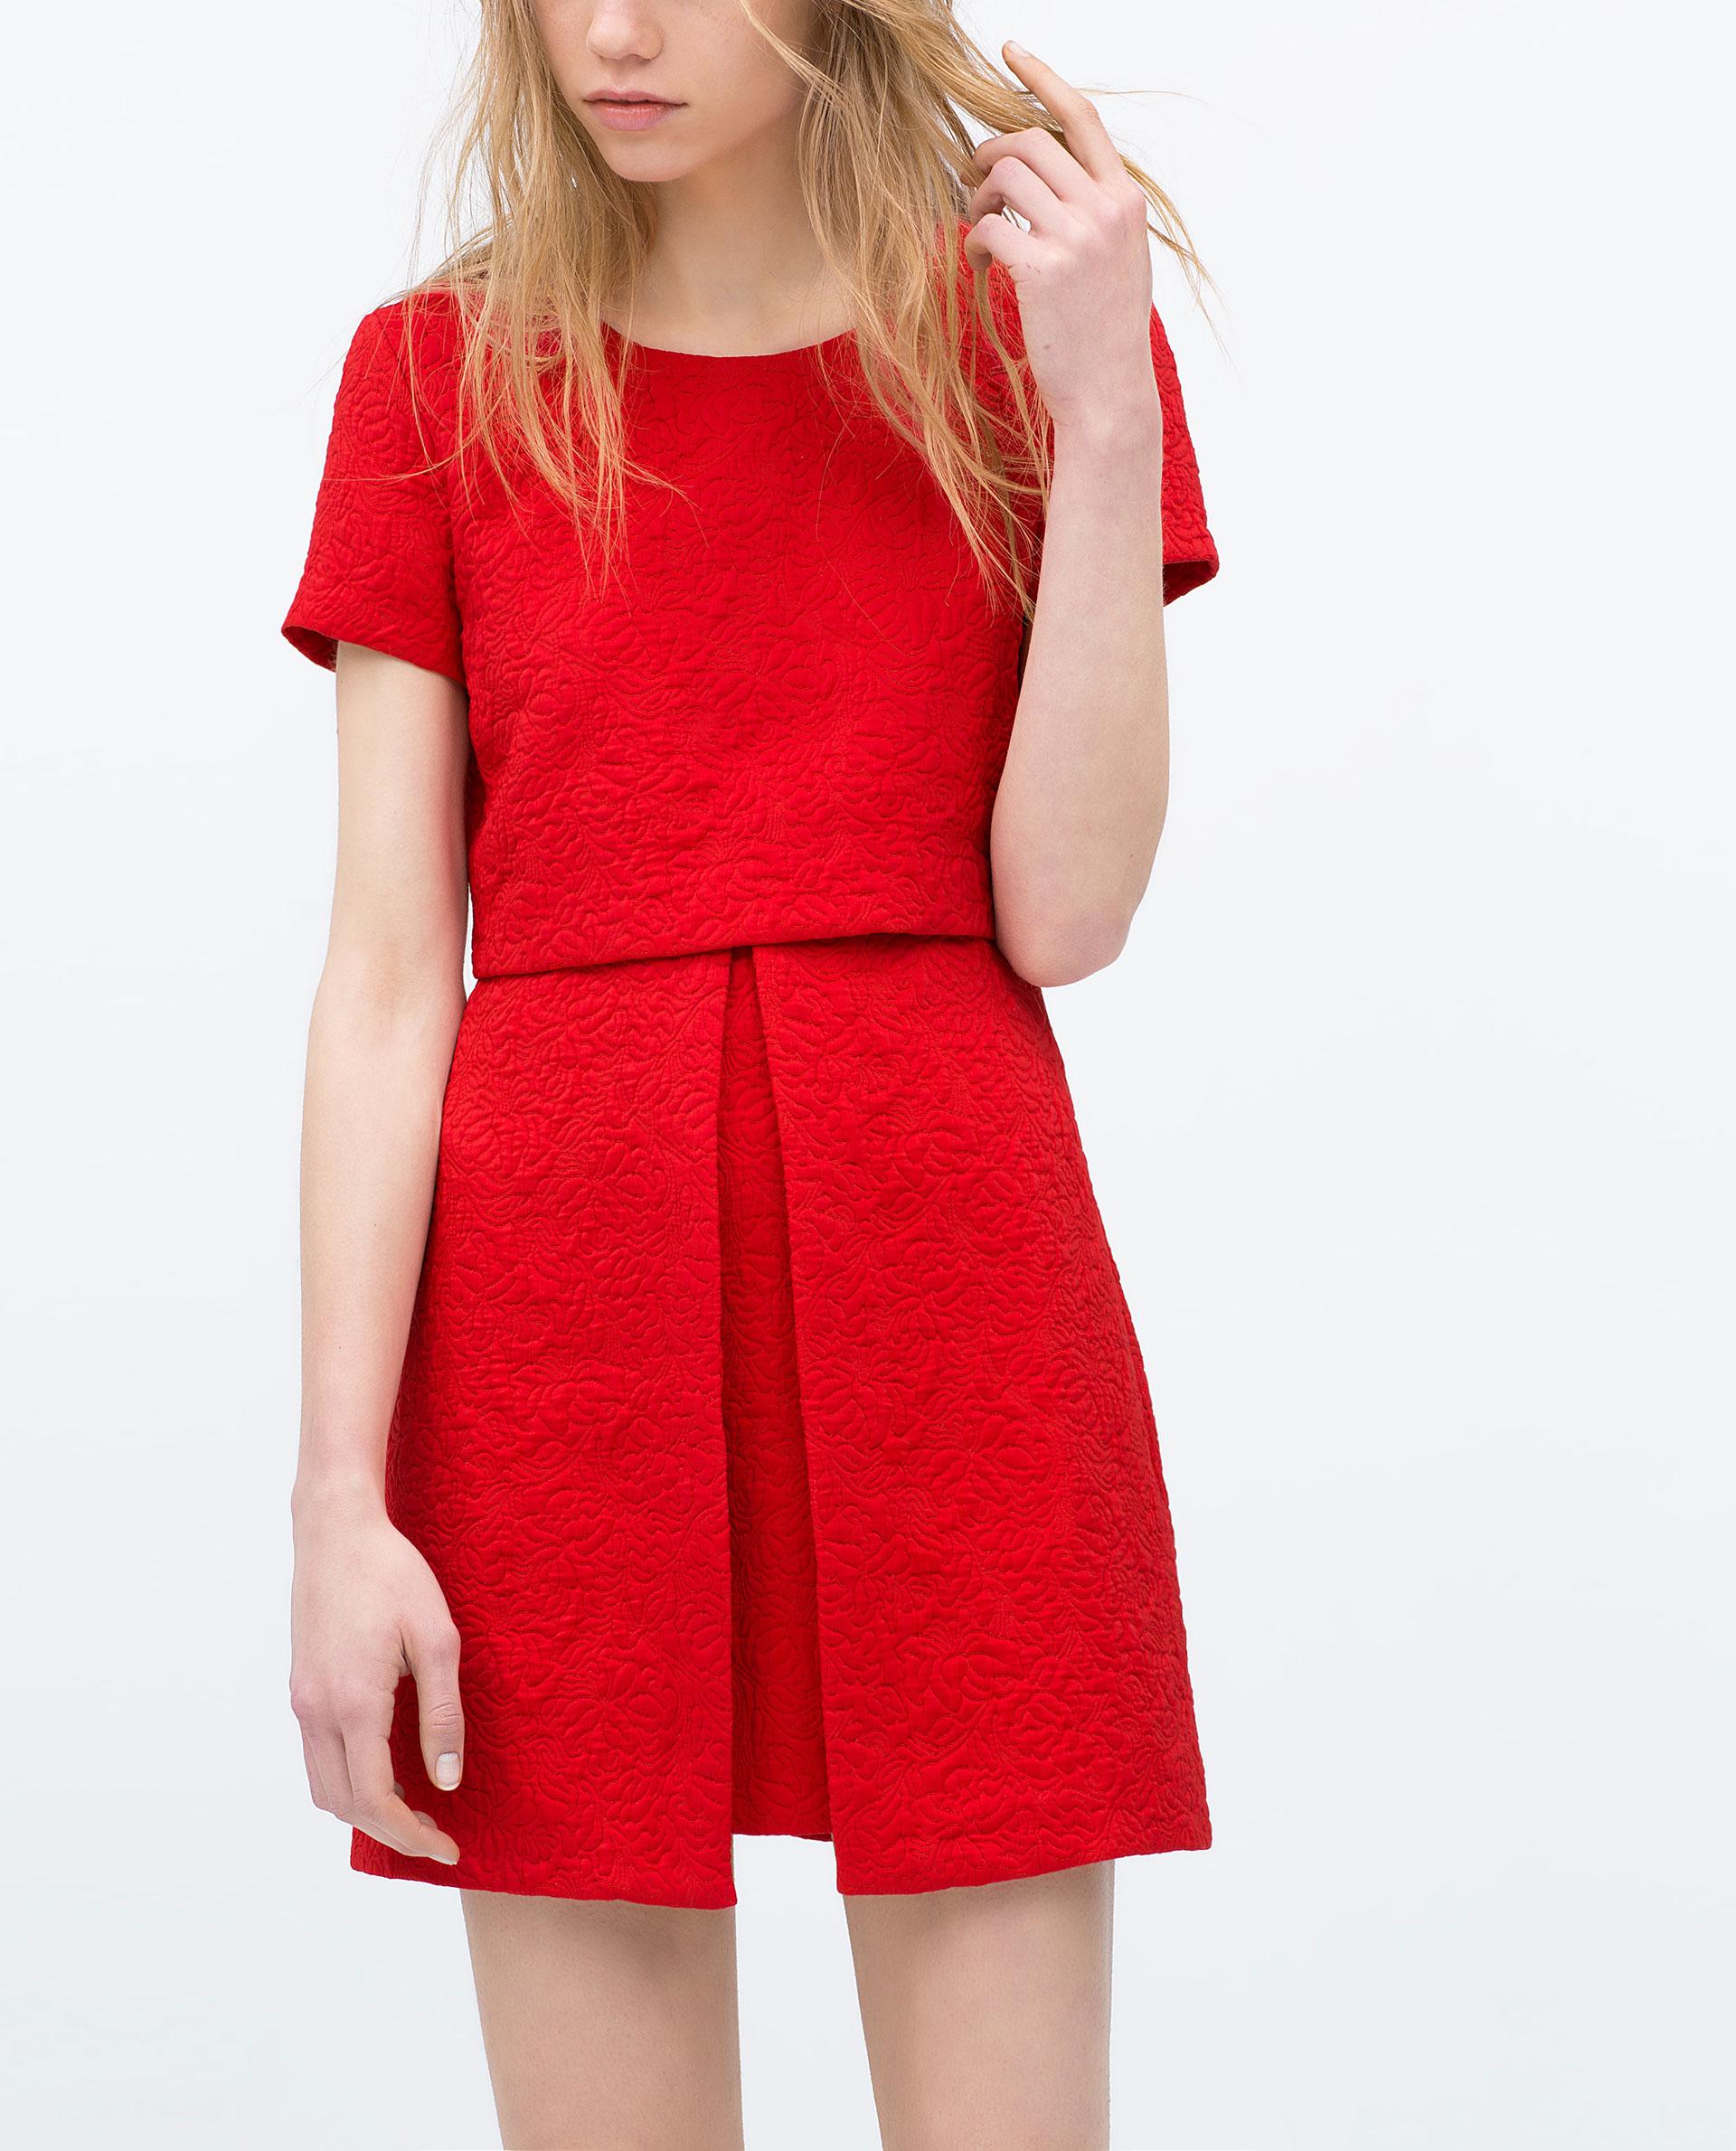 20 sublimes robes rouges pour vous faire remarquer